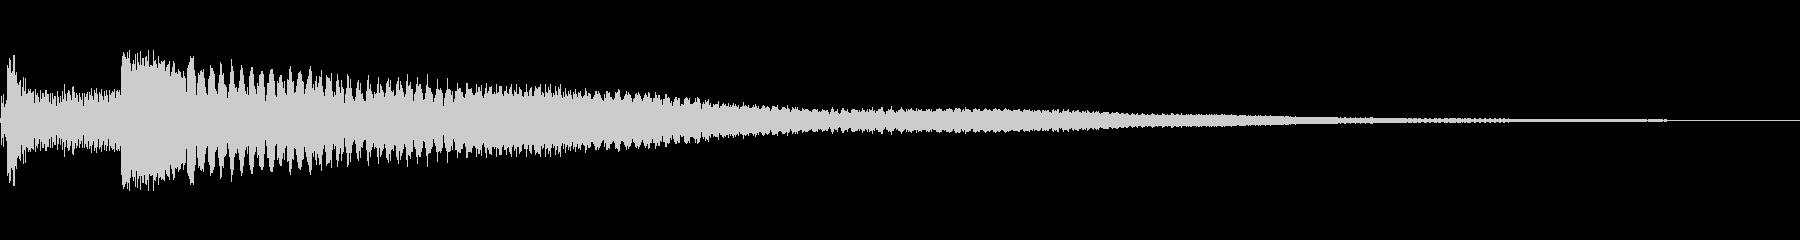 瞑想・幻想的 スティールタングドラムの未再生の波形